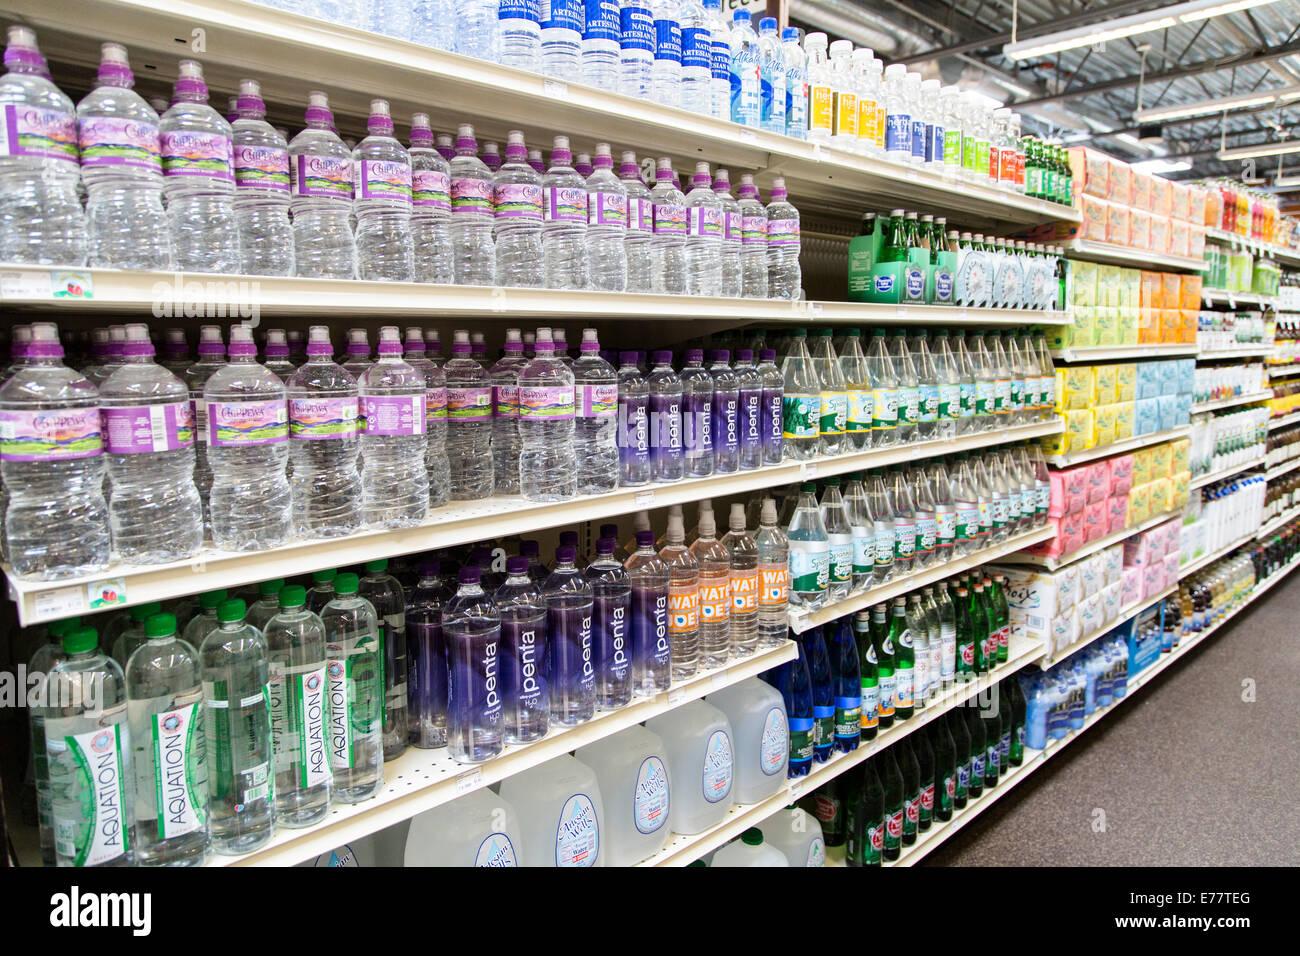 Un magasin d'aliments naturels avec des étagères de l'allée de l'eau en bouteille. Photo Stock